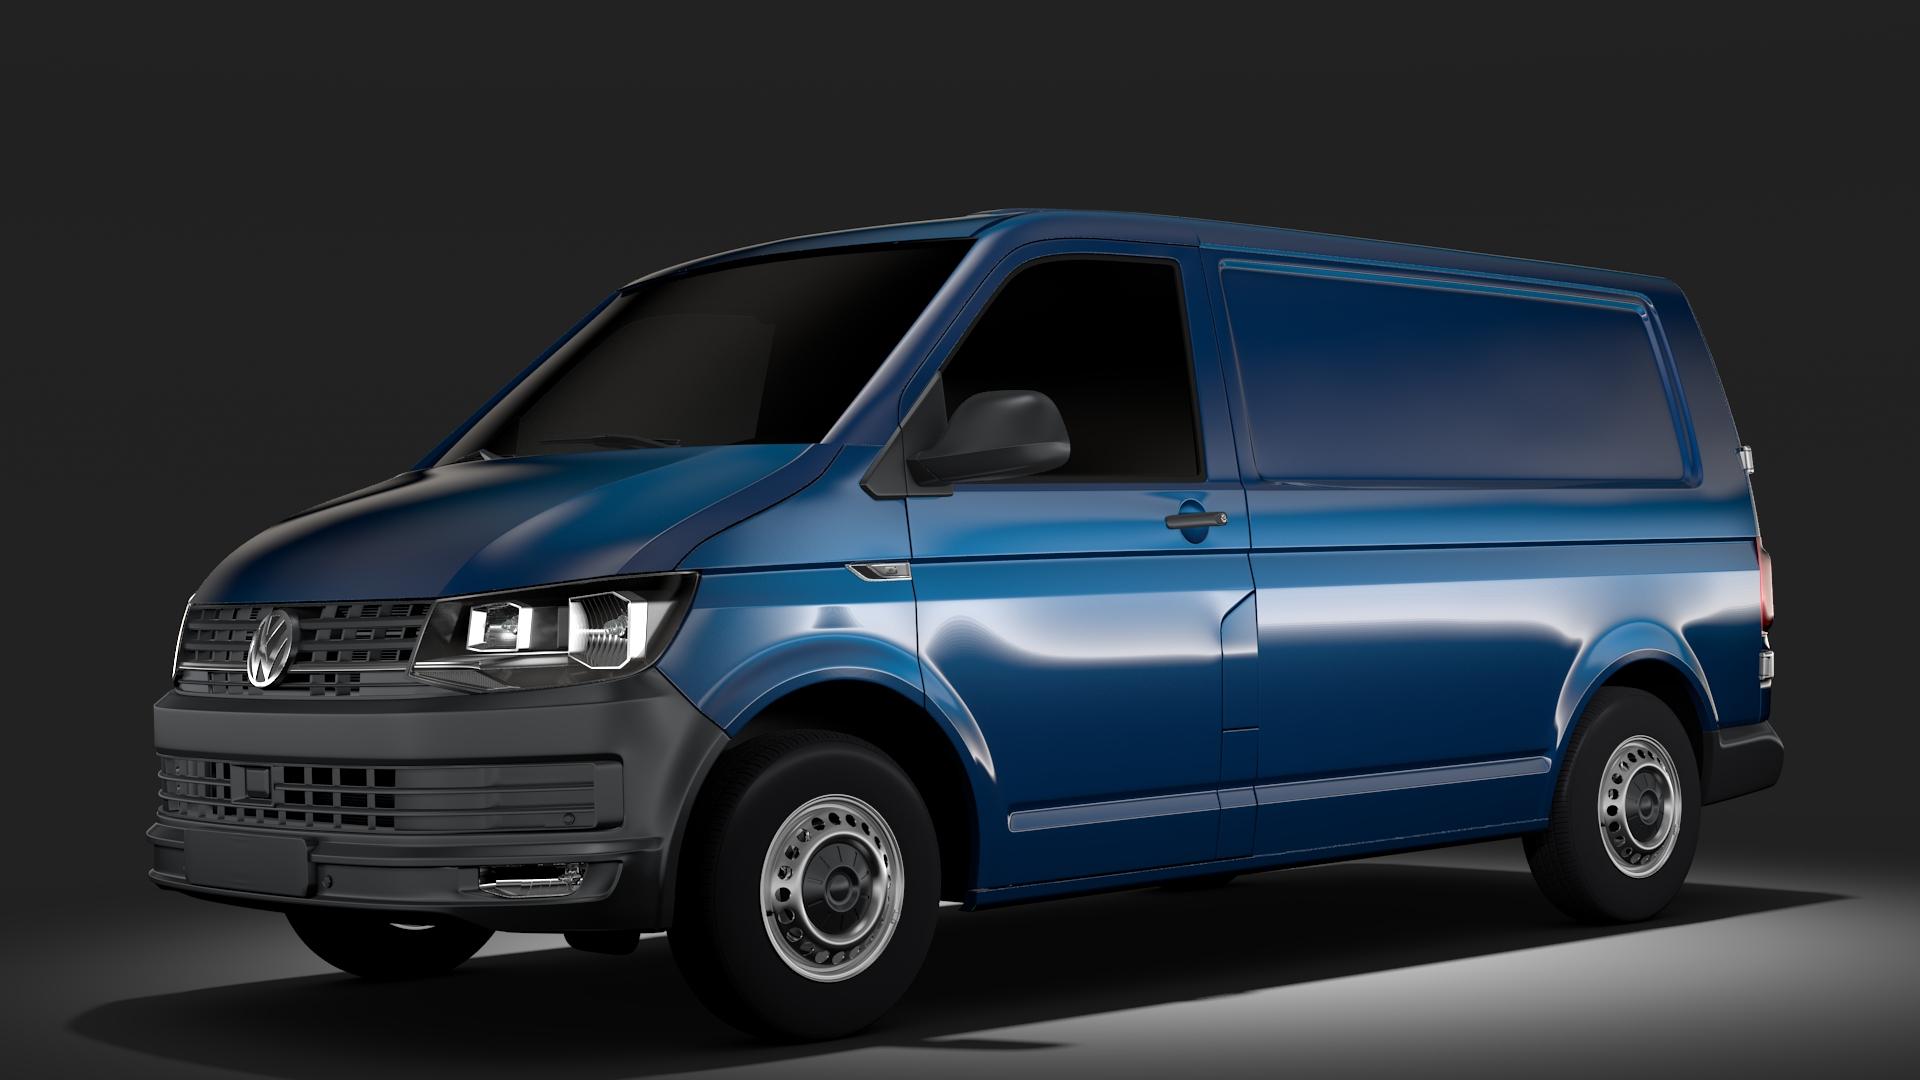 volkswagen transporter van l1h1 t6 2017 3d model fbx c4d lwo ma mb hrc xsi obj 275121